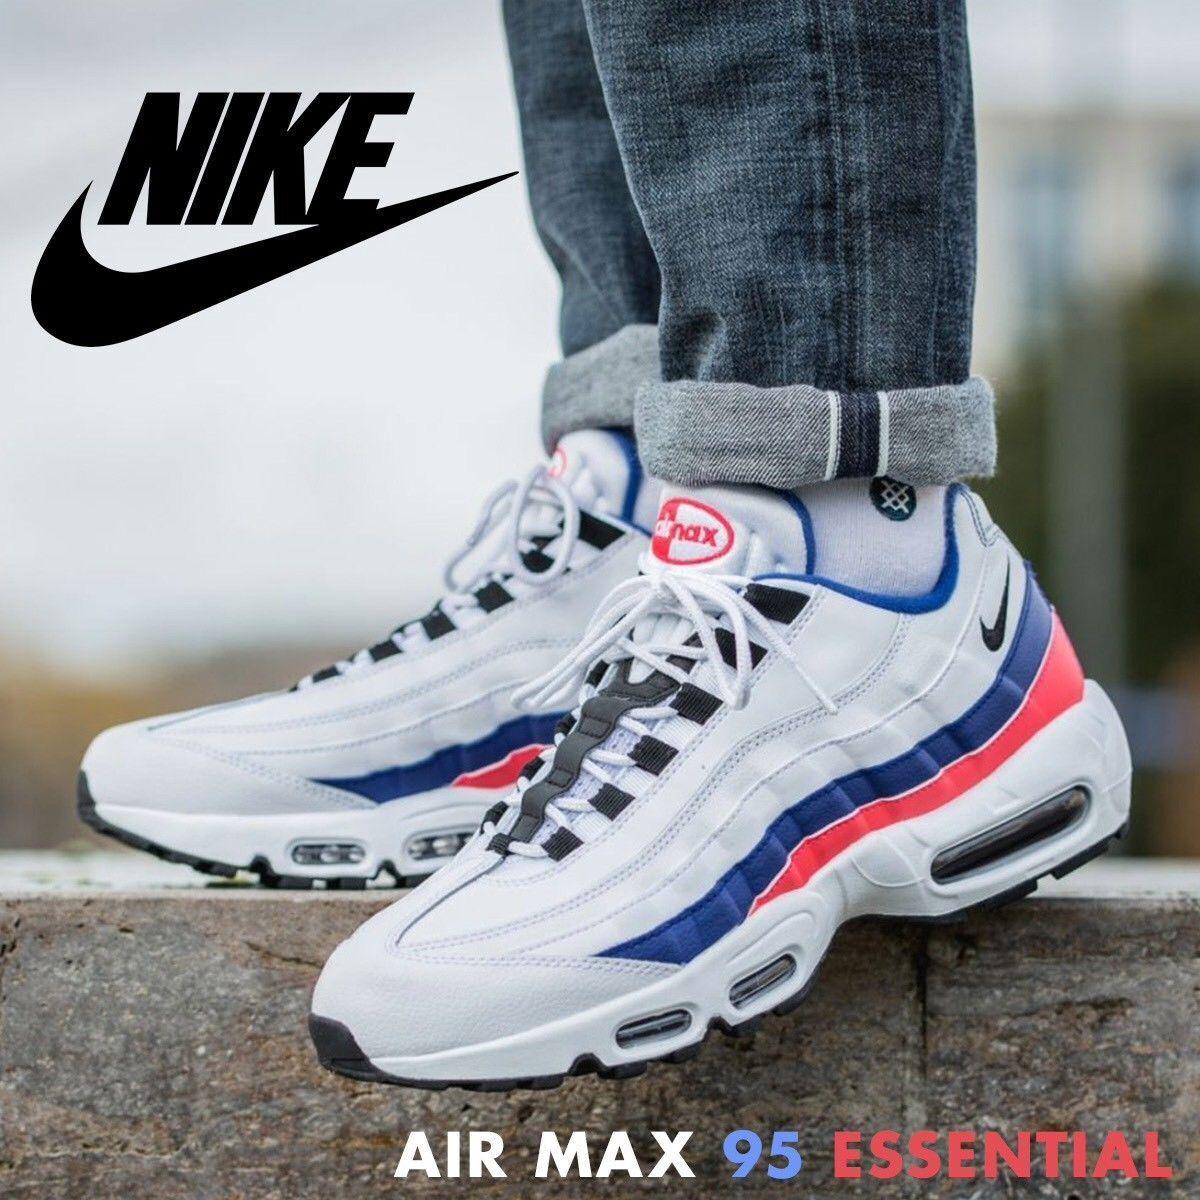 Nike Air Max 95 95 95 Essential Uomo Blu Ultramarine Acceso Scarpe Rosse (749766-106) | il prezzo delle concessioni  | Credibile Prestazioni  | Distinctive  | Maschio/Ragazze Scarpa  | Uomini/Donna Scarpa  | Uomo/Donne Scarpa  592f0f